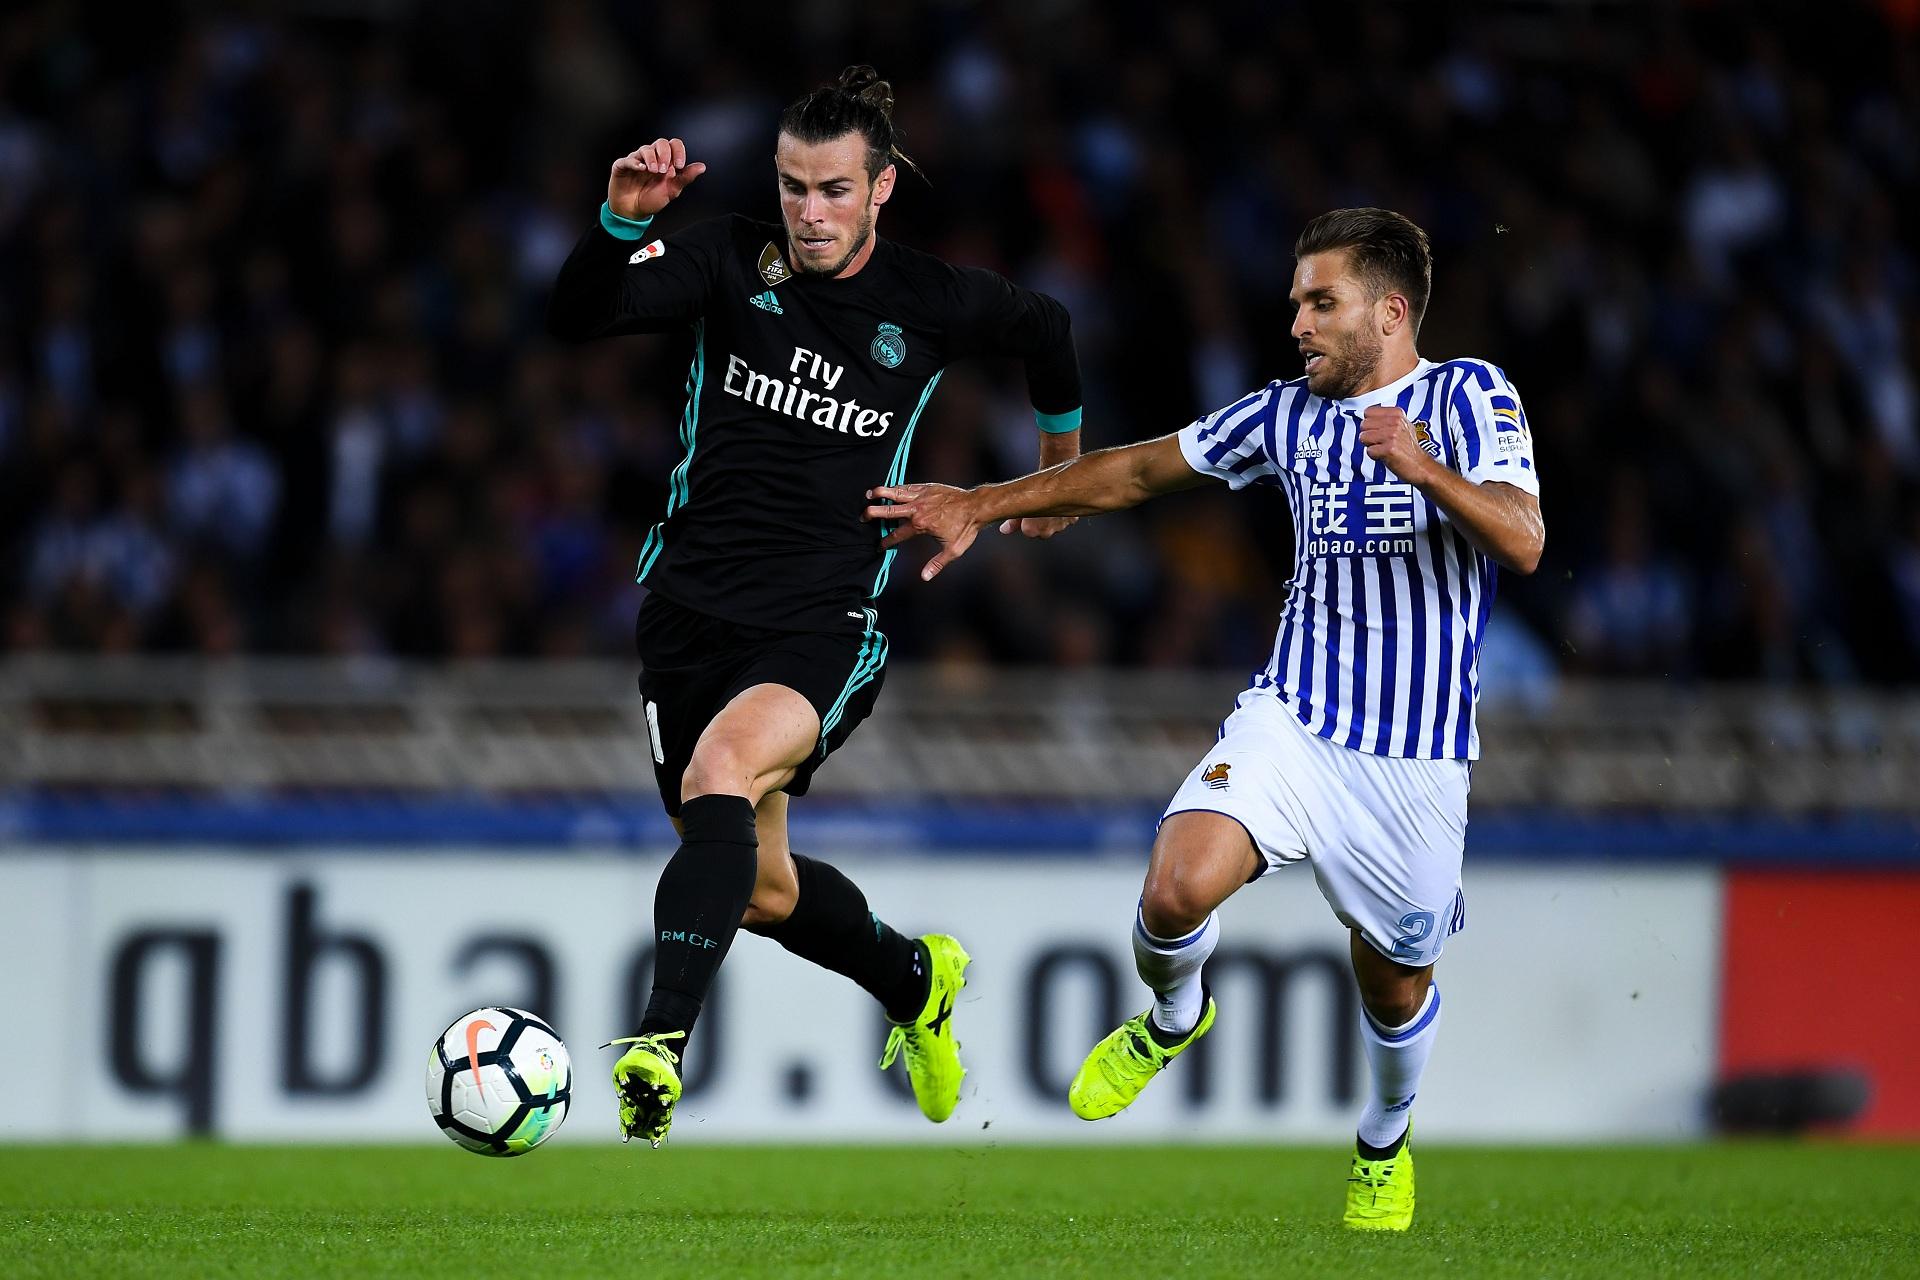 Estoy disfrutando cada minuto en Real Sociedad: Carlos Vela